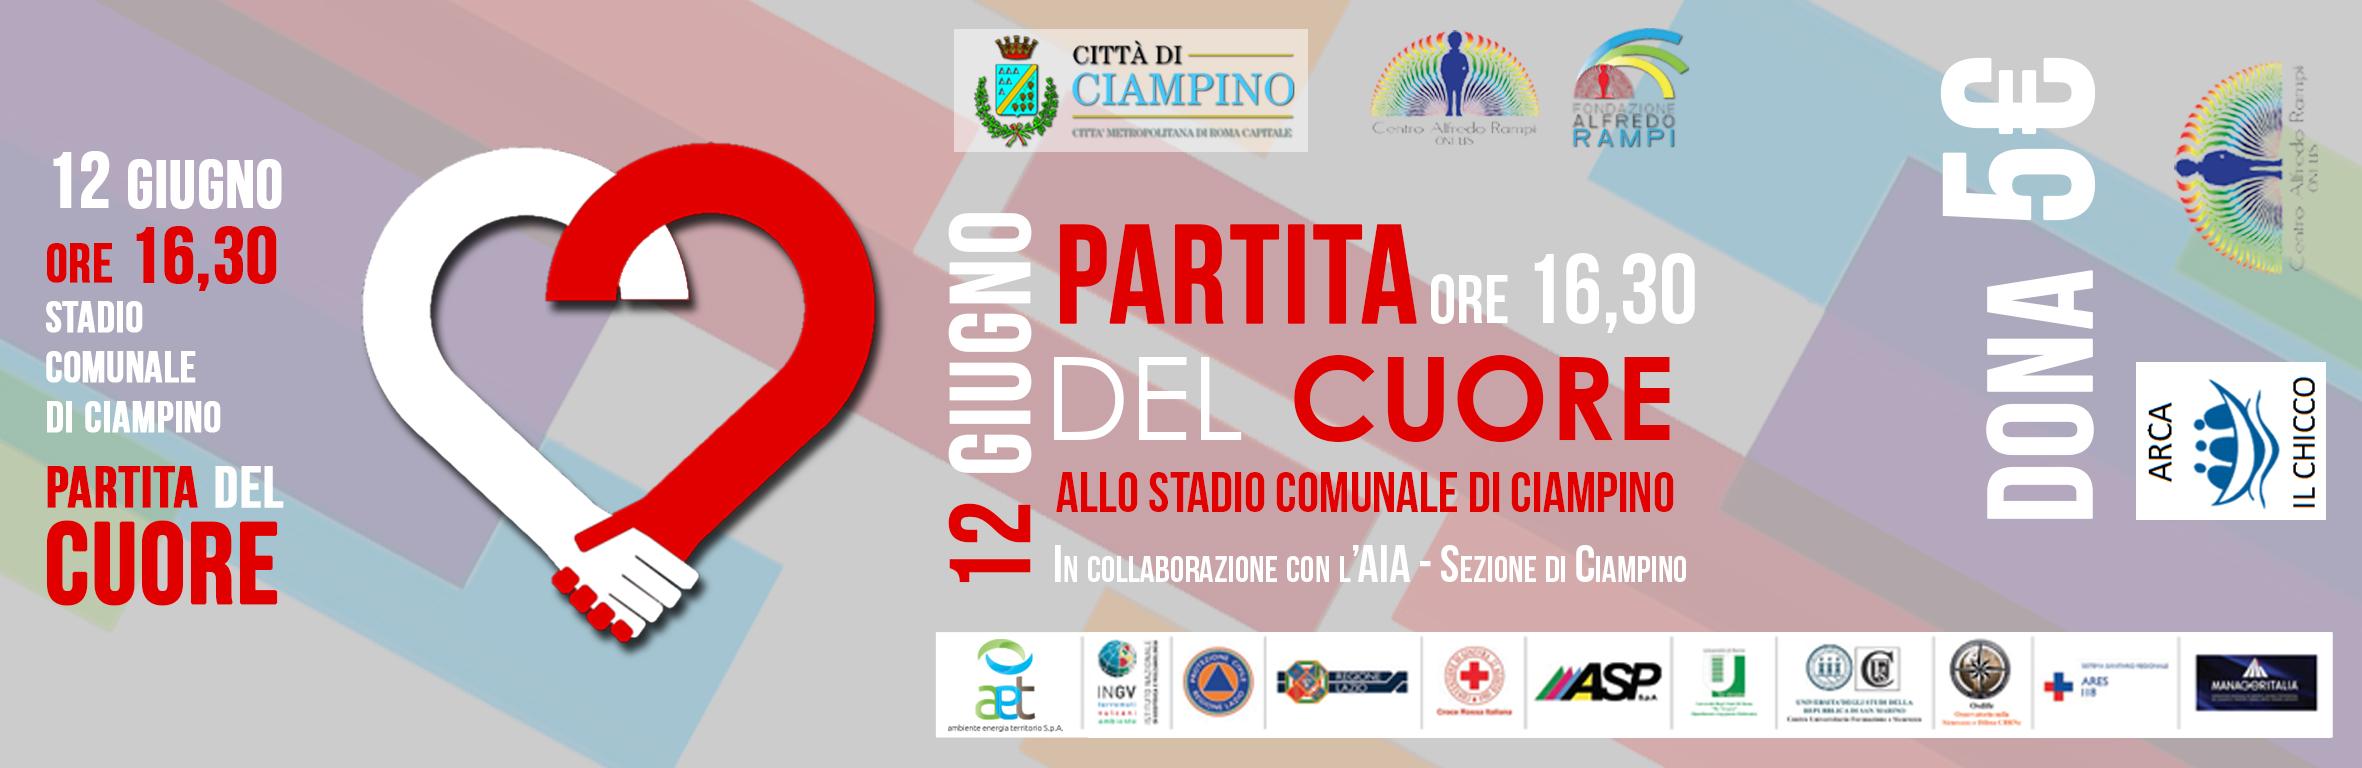 Volete sapere cosa succederà 11 e 12 giugno a Ciampino?